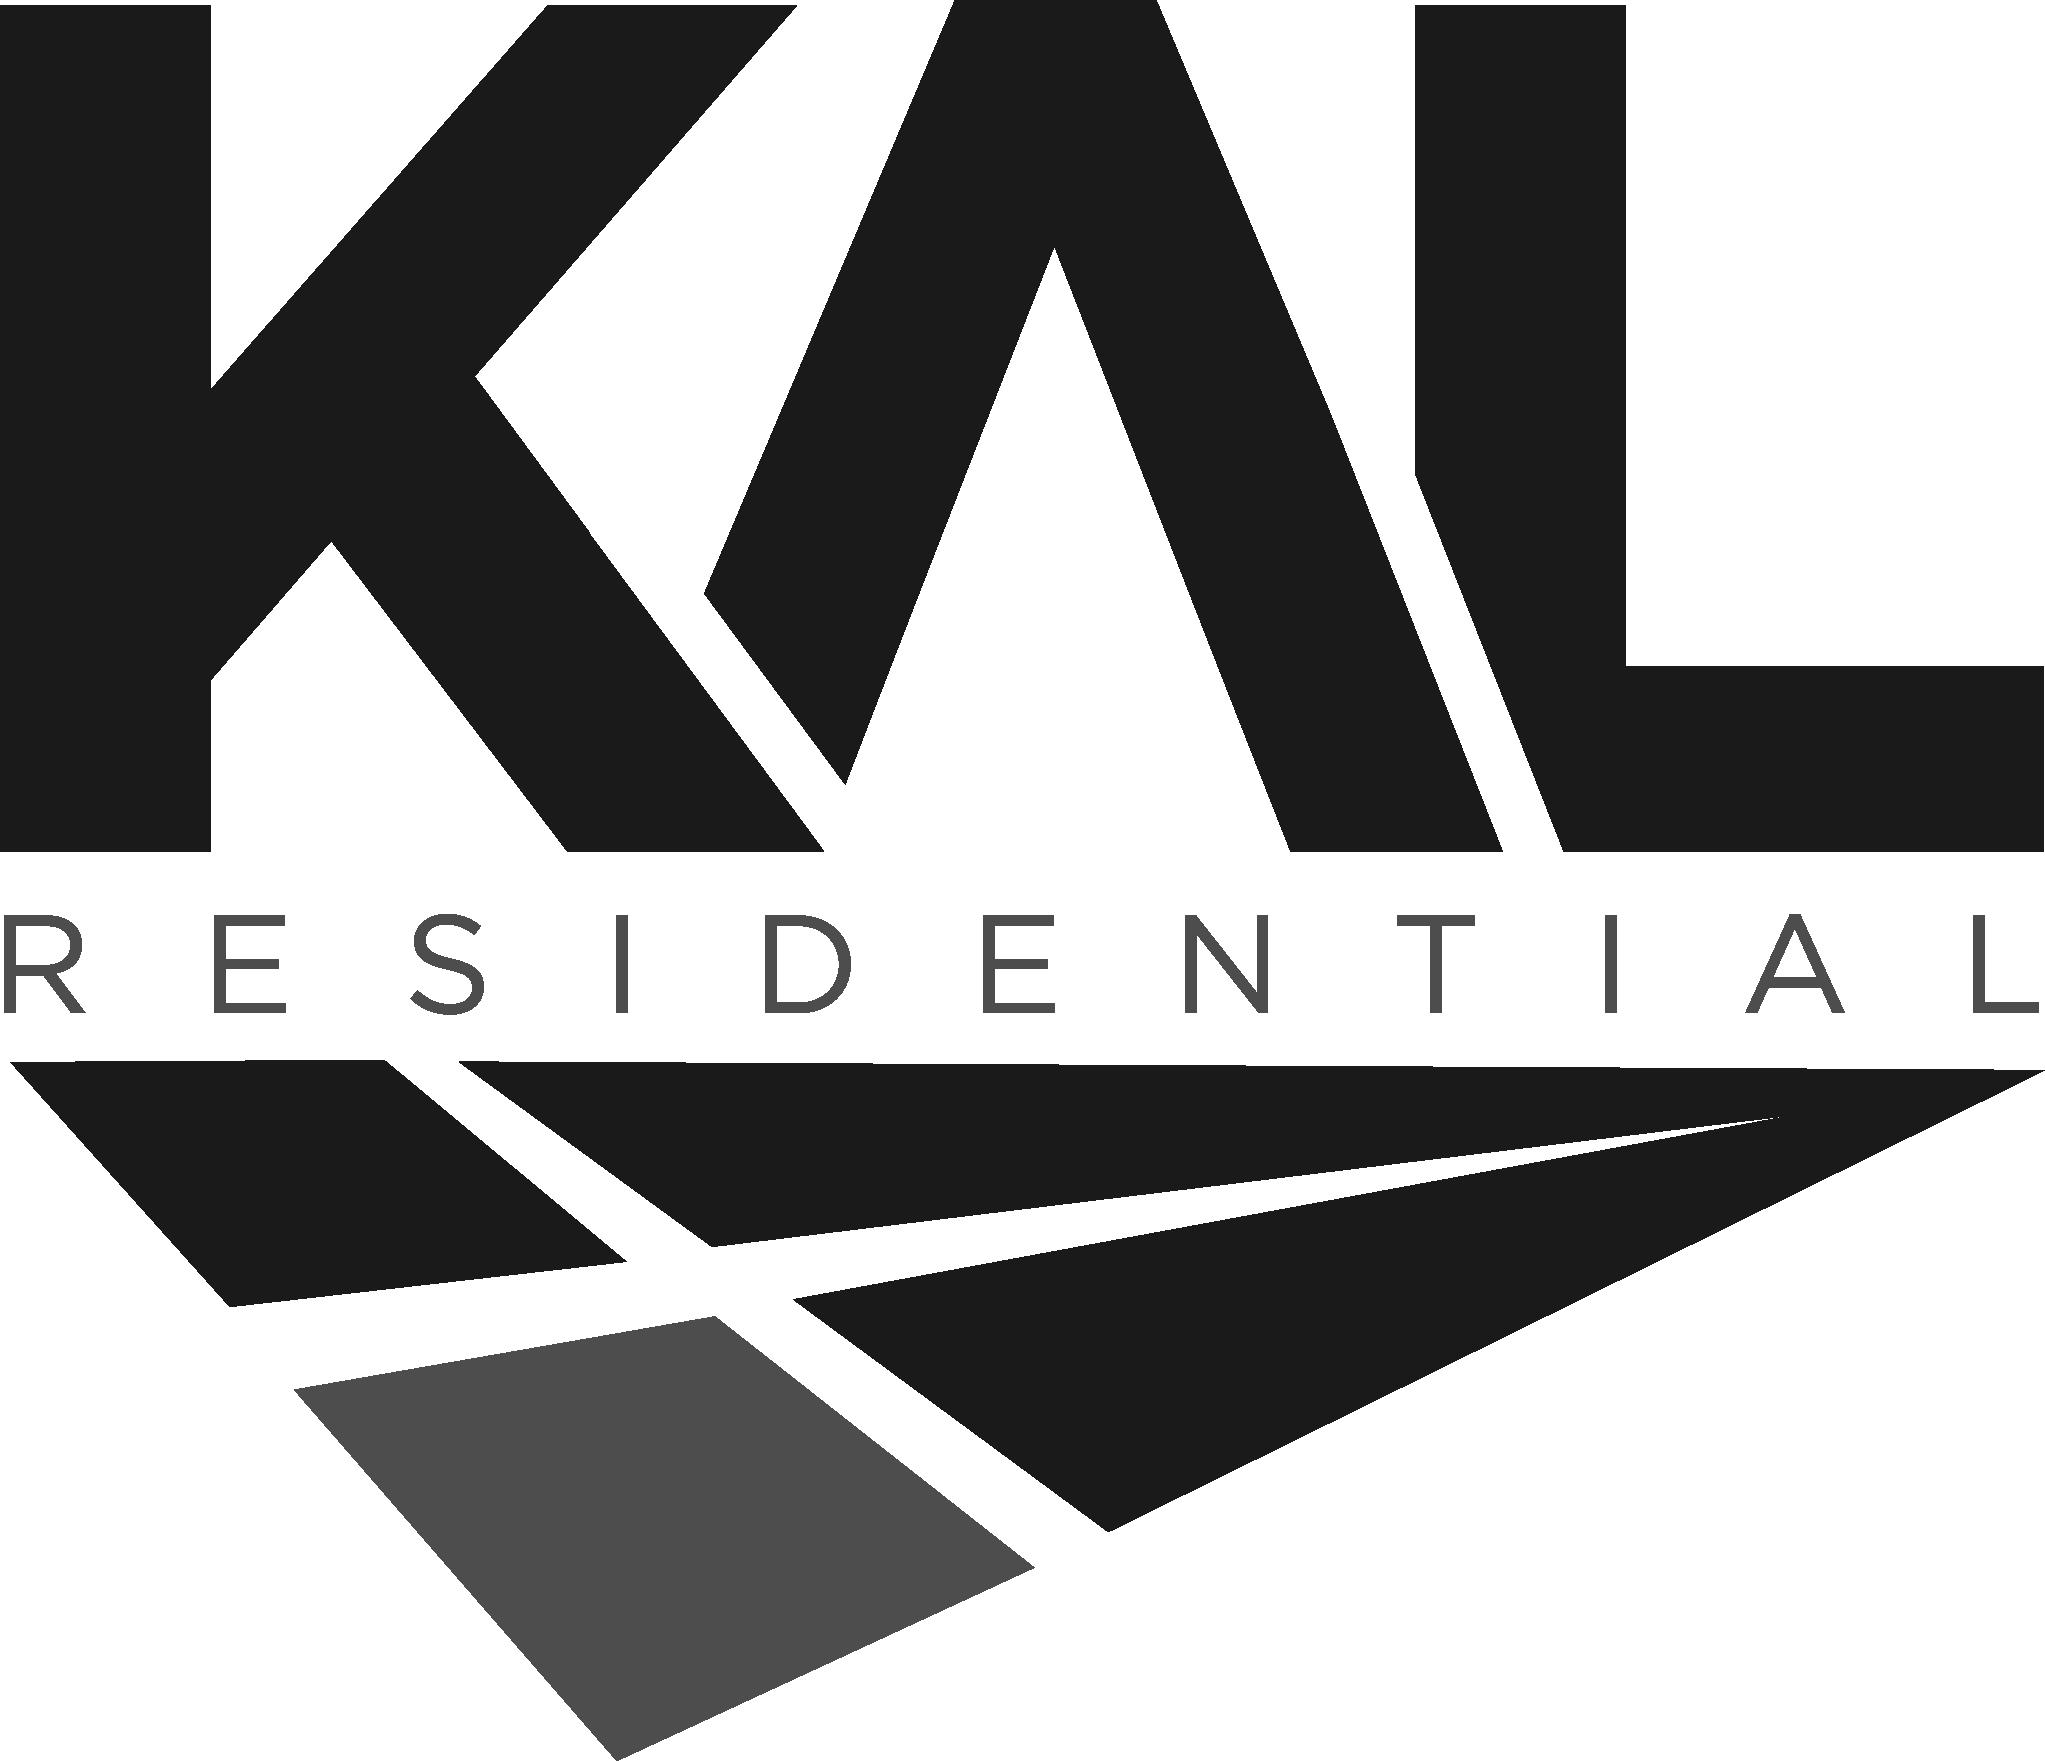 Change words under logo